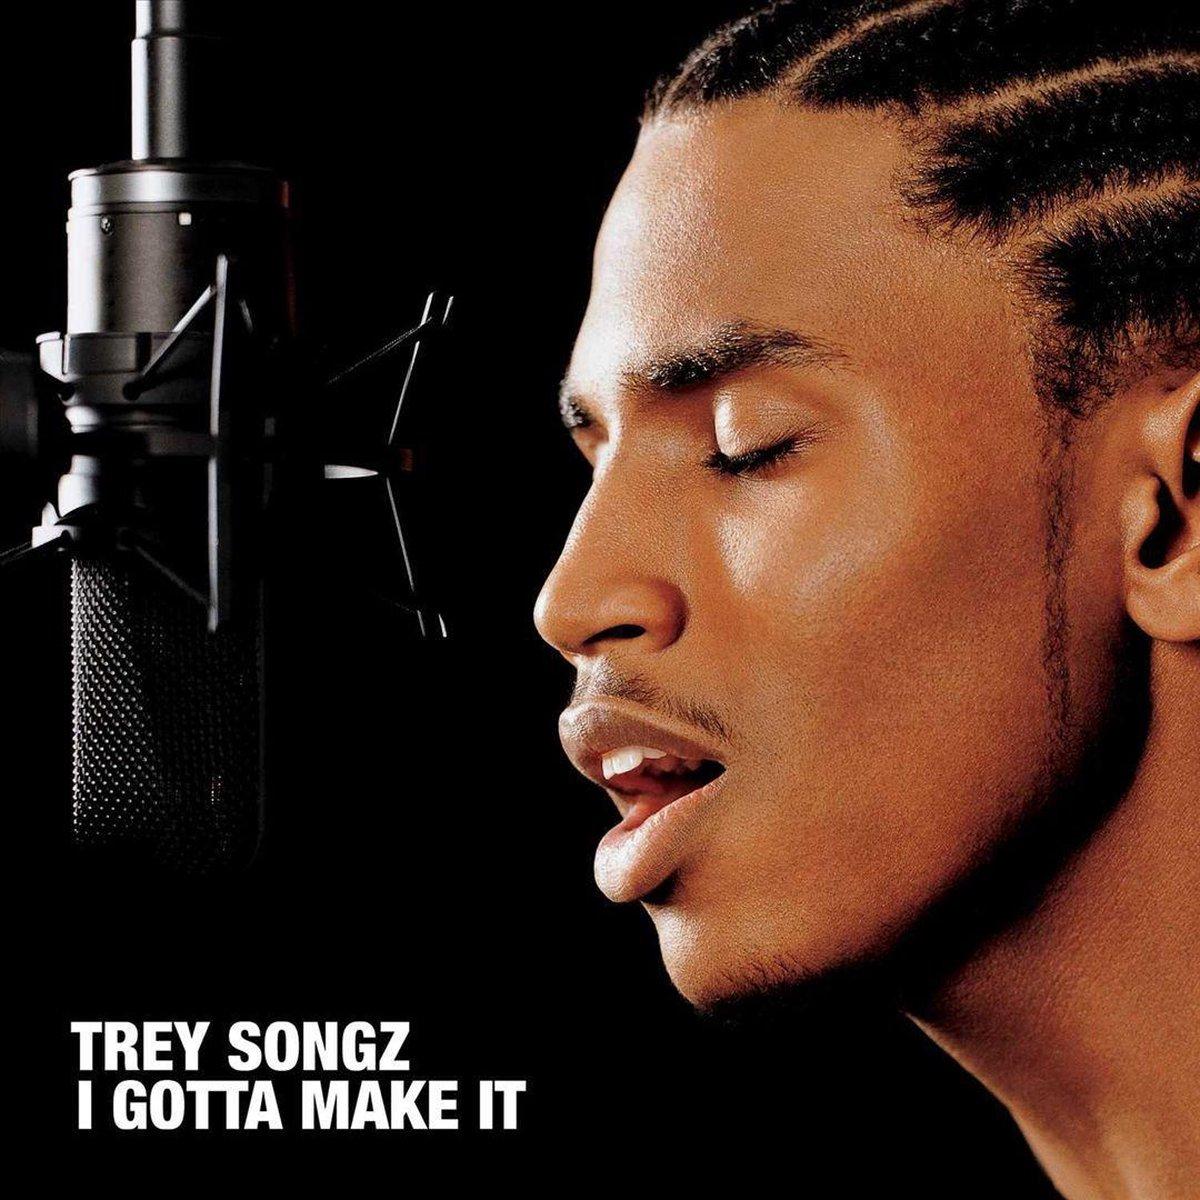 I Gotta Make It - Trey Songz